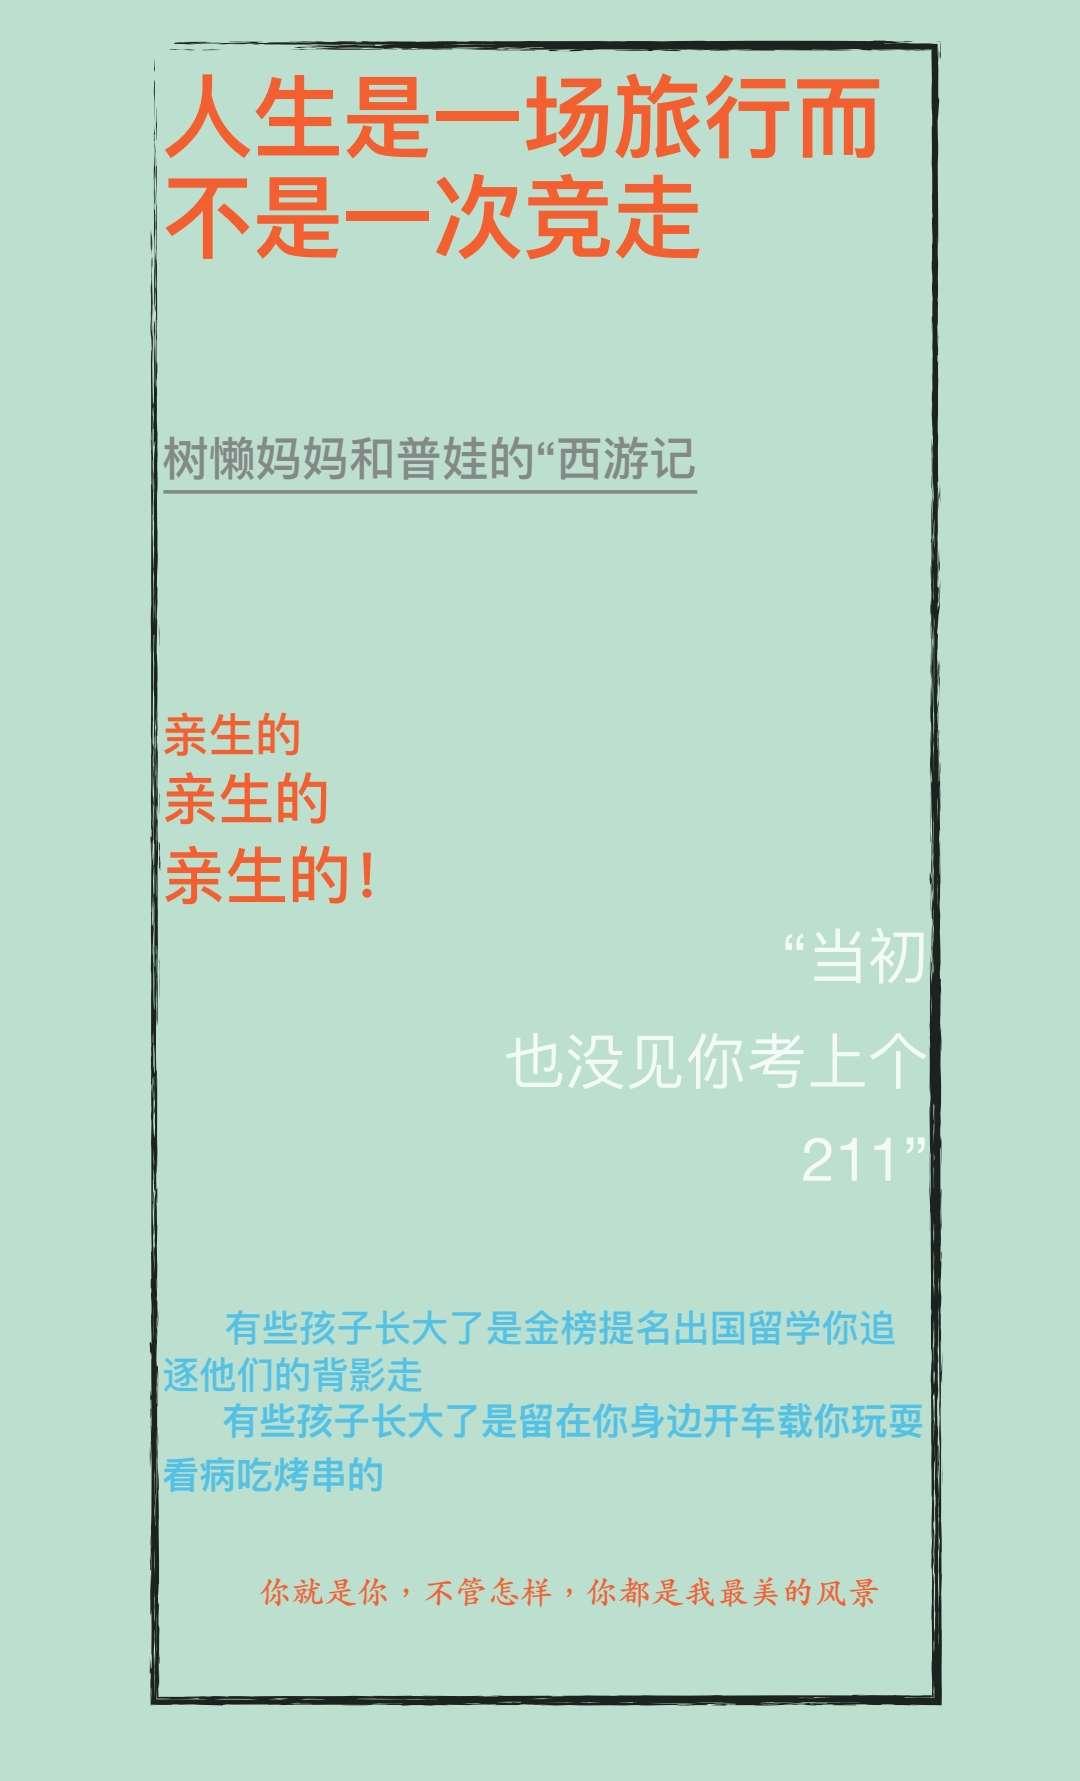 22c1482b4f818a94bf70f57c5bdc4dd.jpg